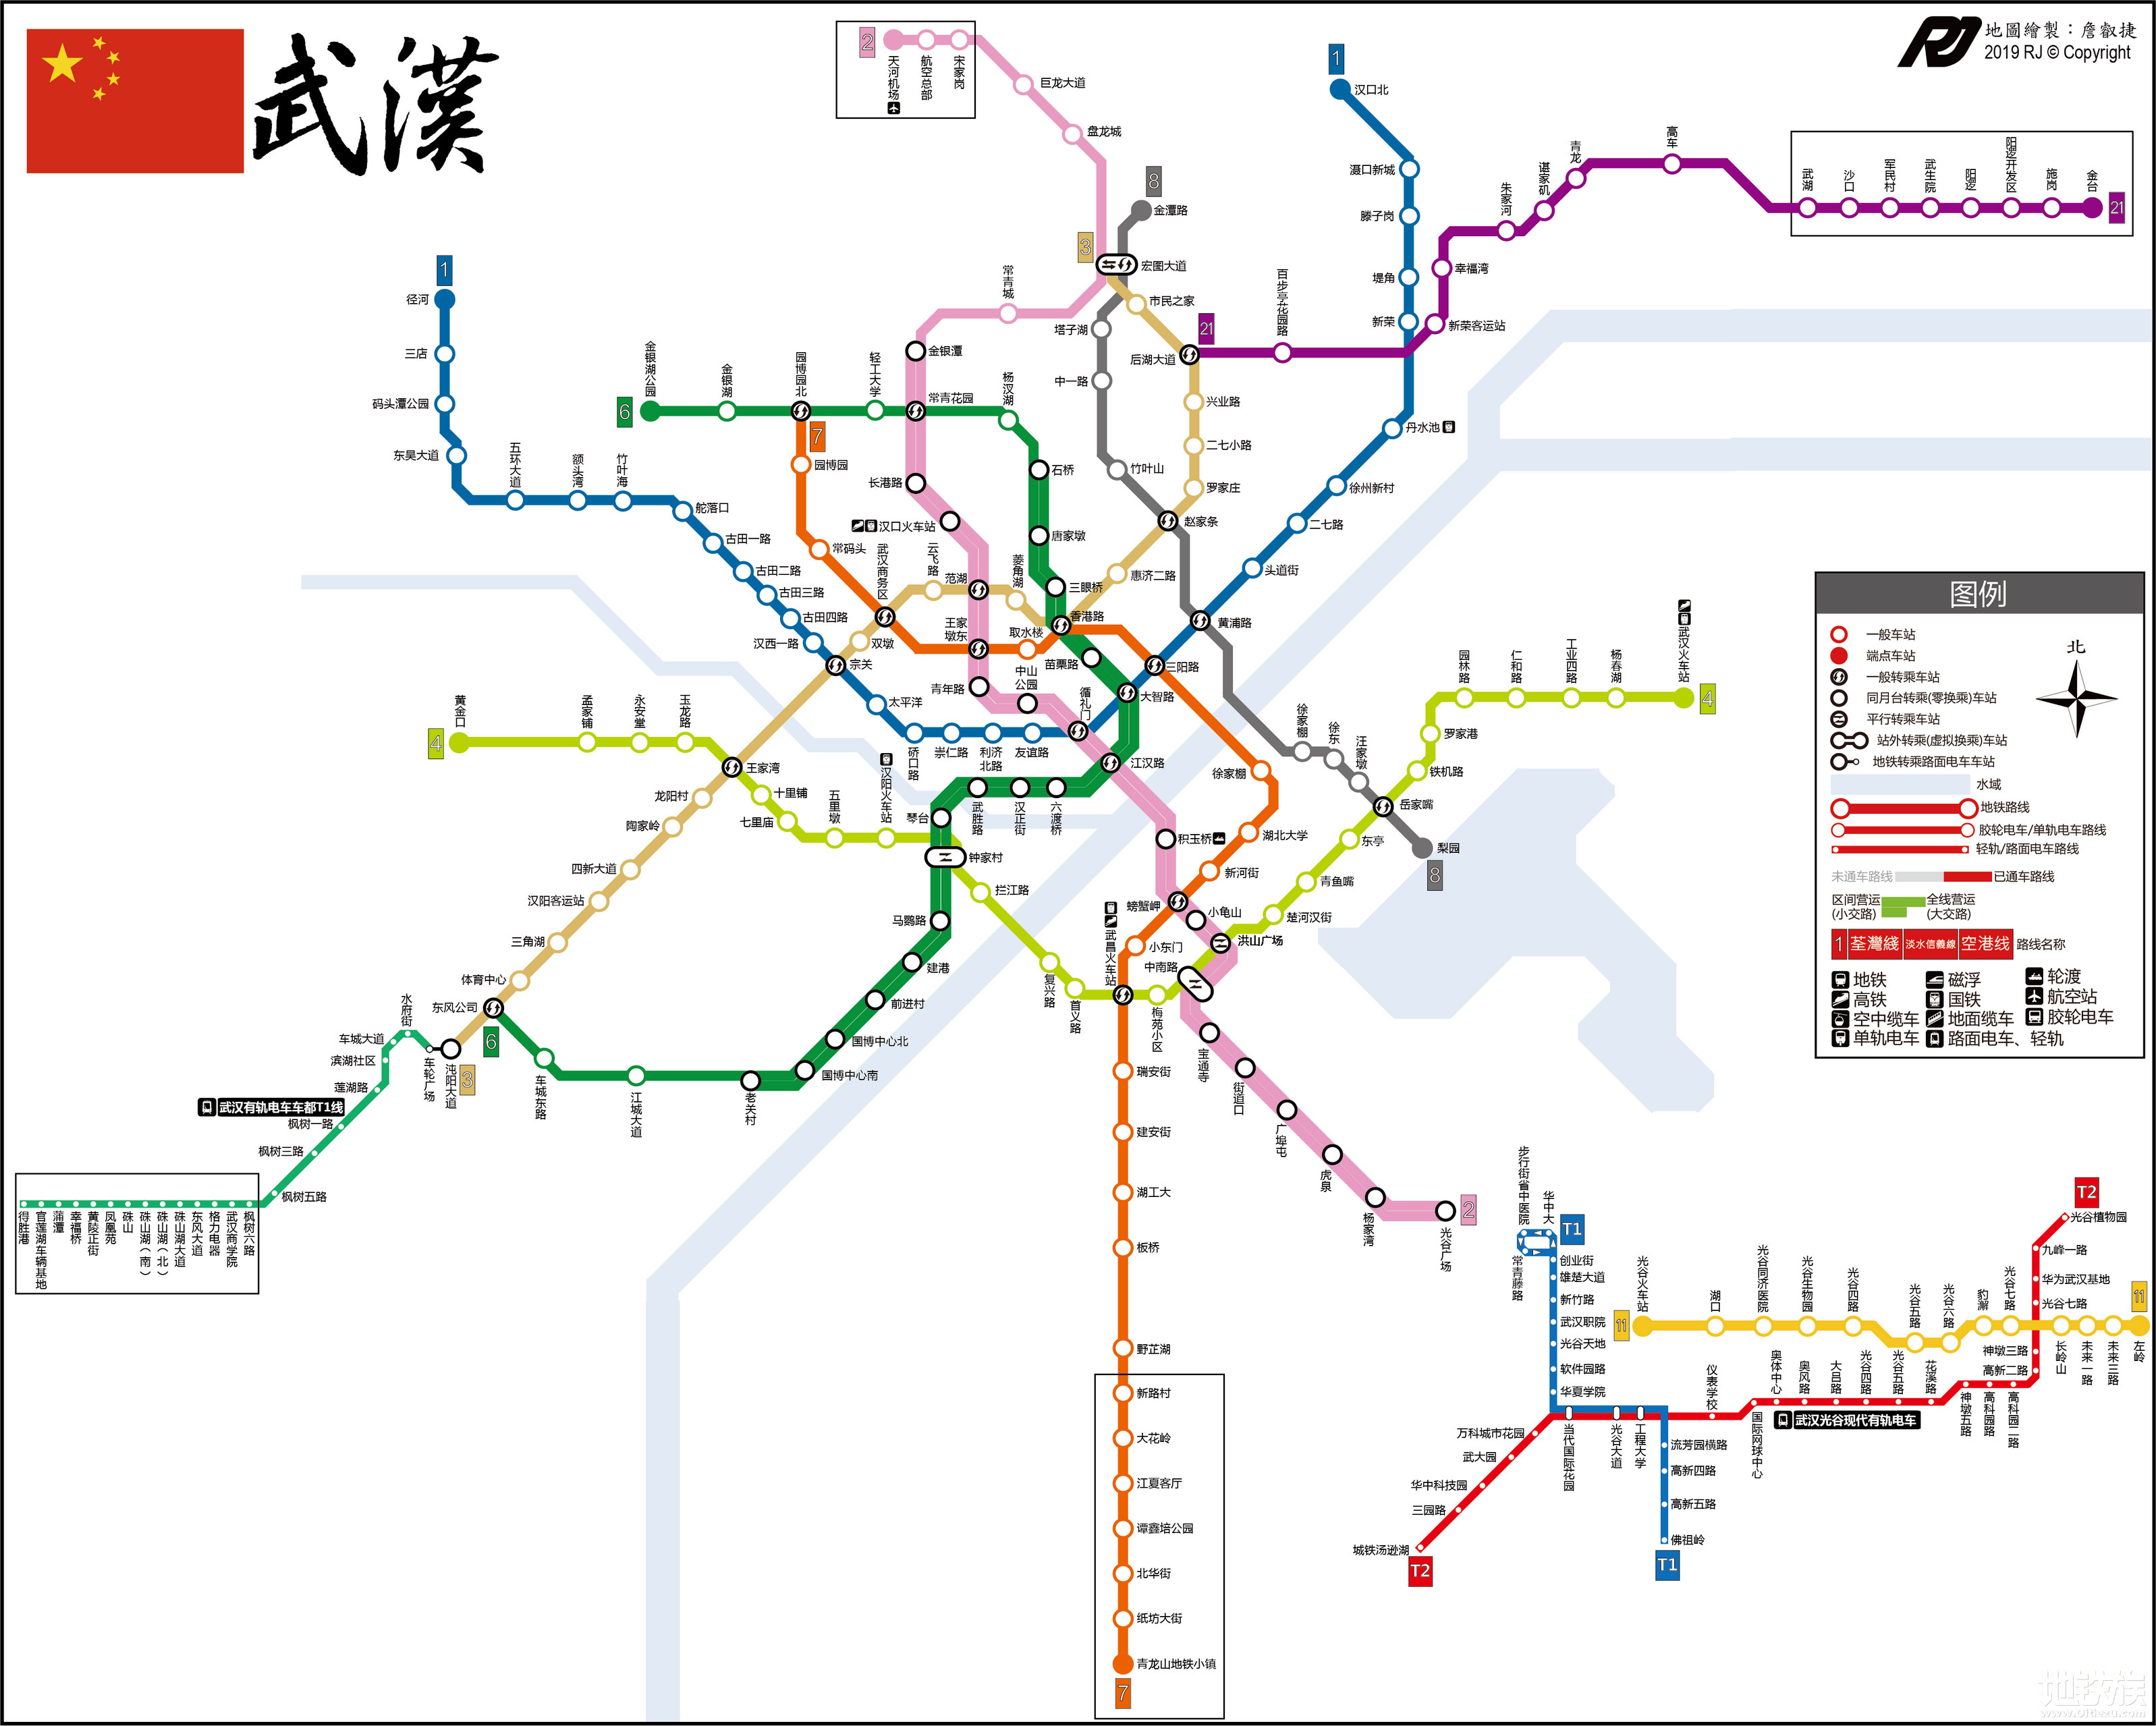 武汉地铁规划图高清_武汉地铁线路图2019_武汉地图库_地图窝